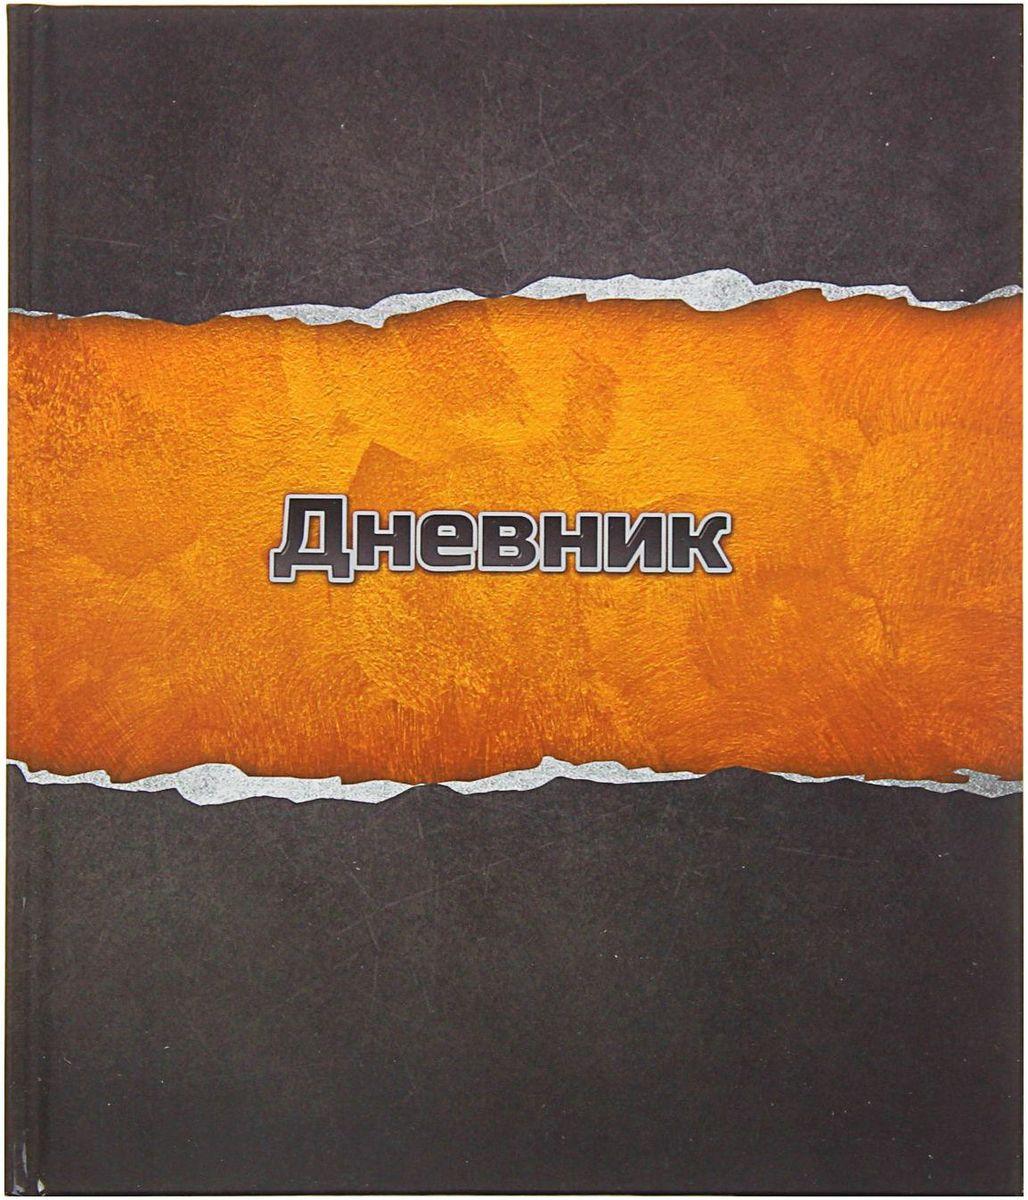 Calligrata Дневник школьный Роскошь для 5-11 классов спейс дневник школьный россия коллаж для 5 11 классов